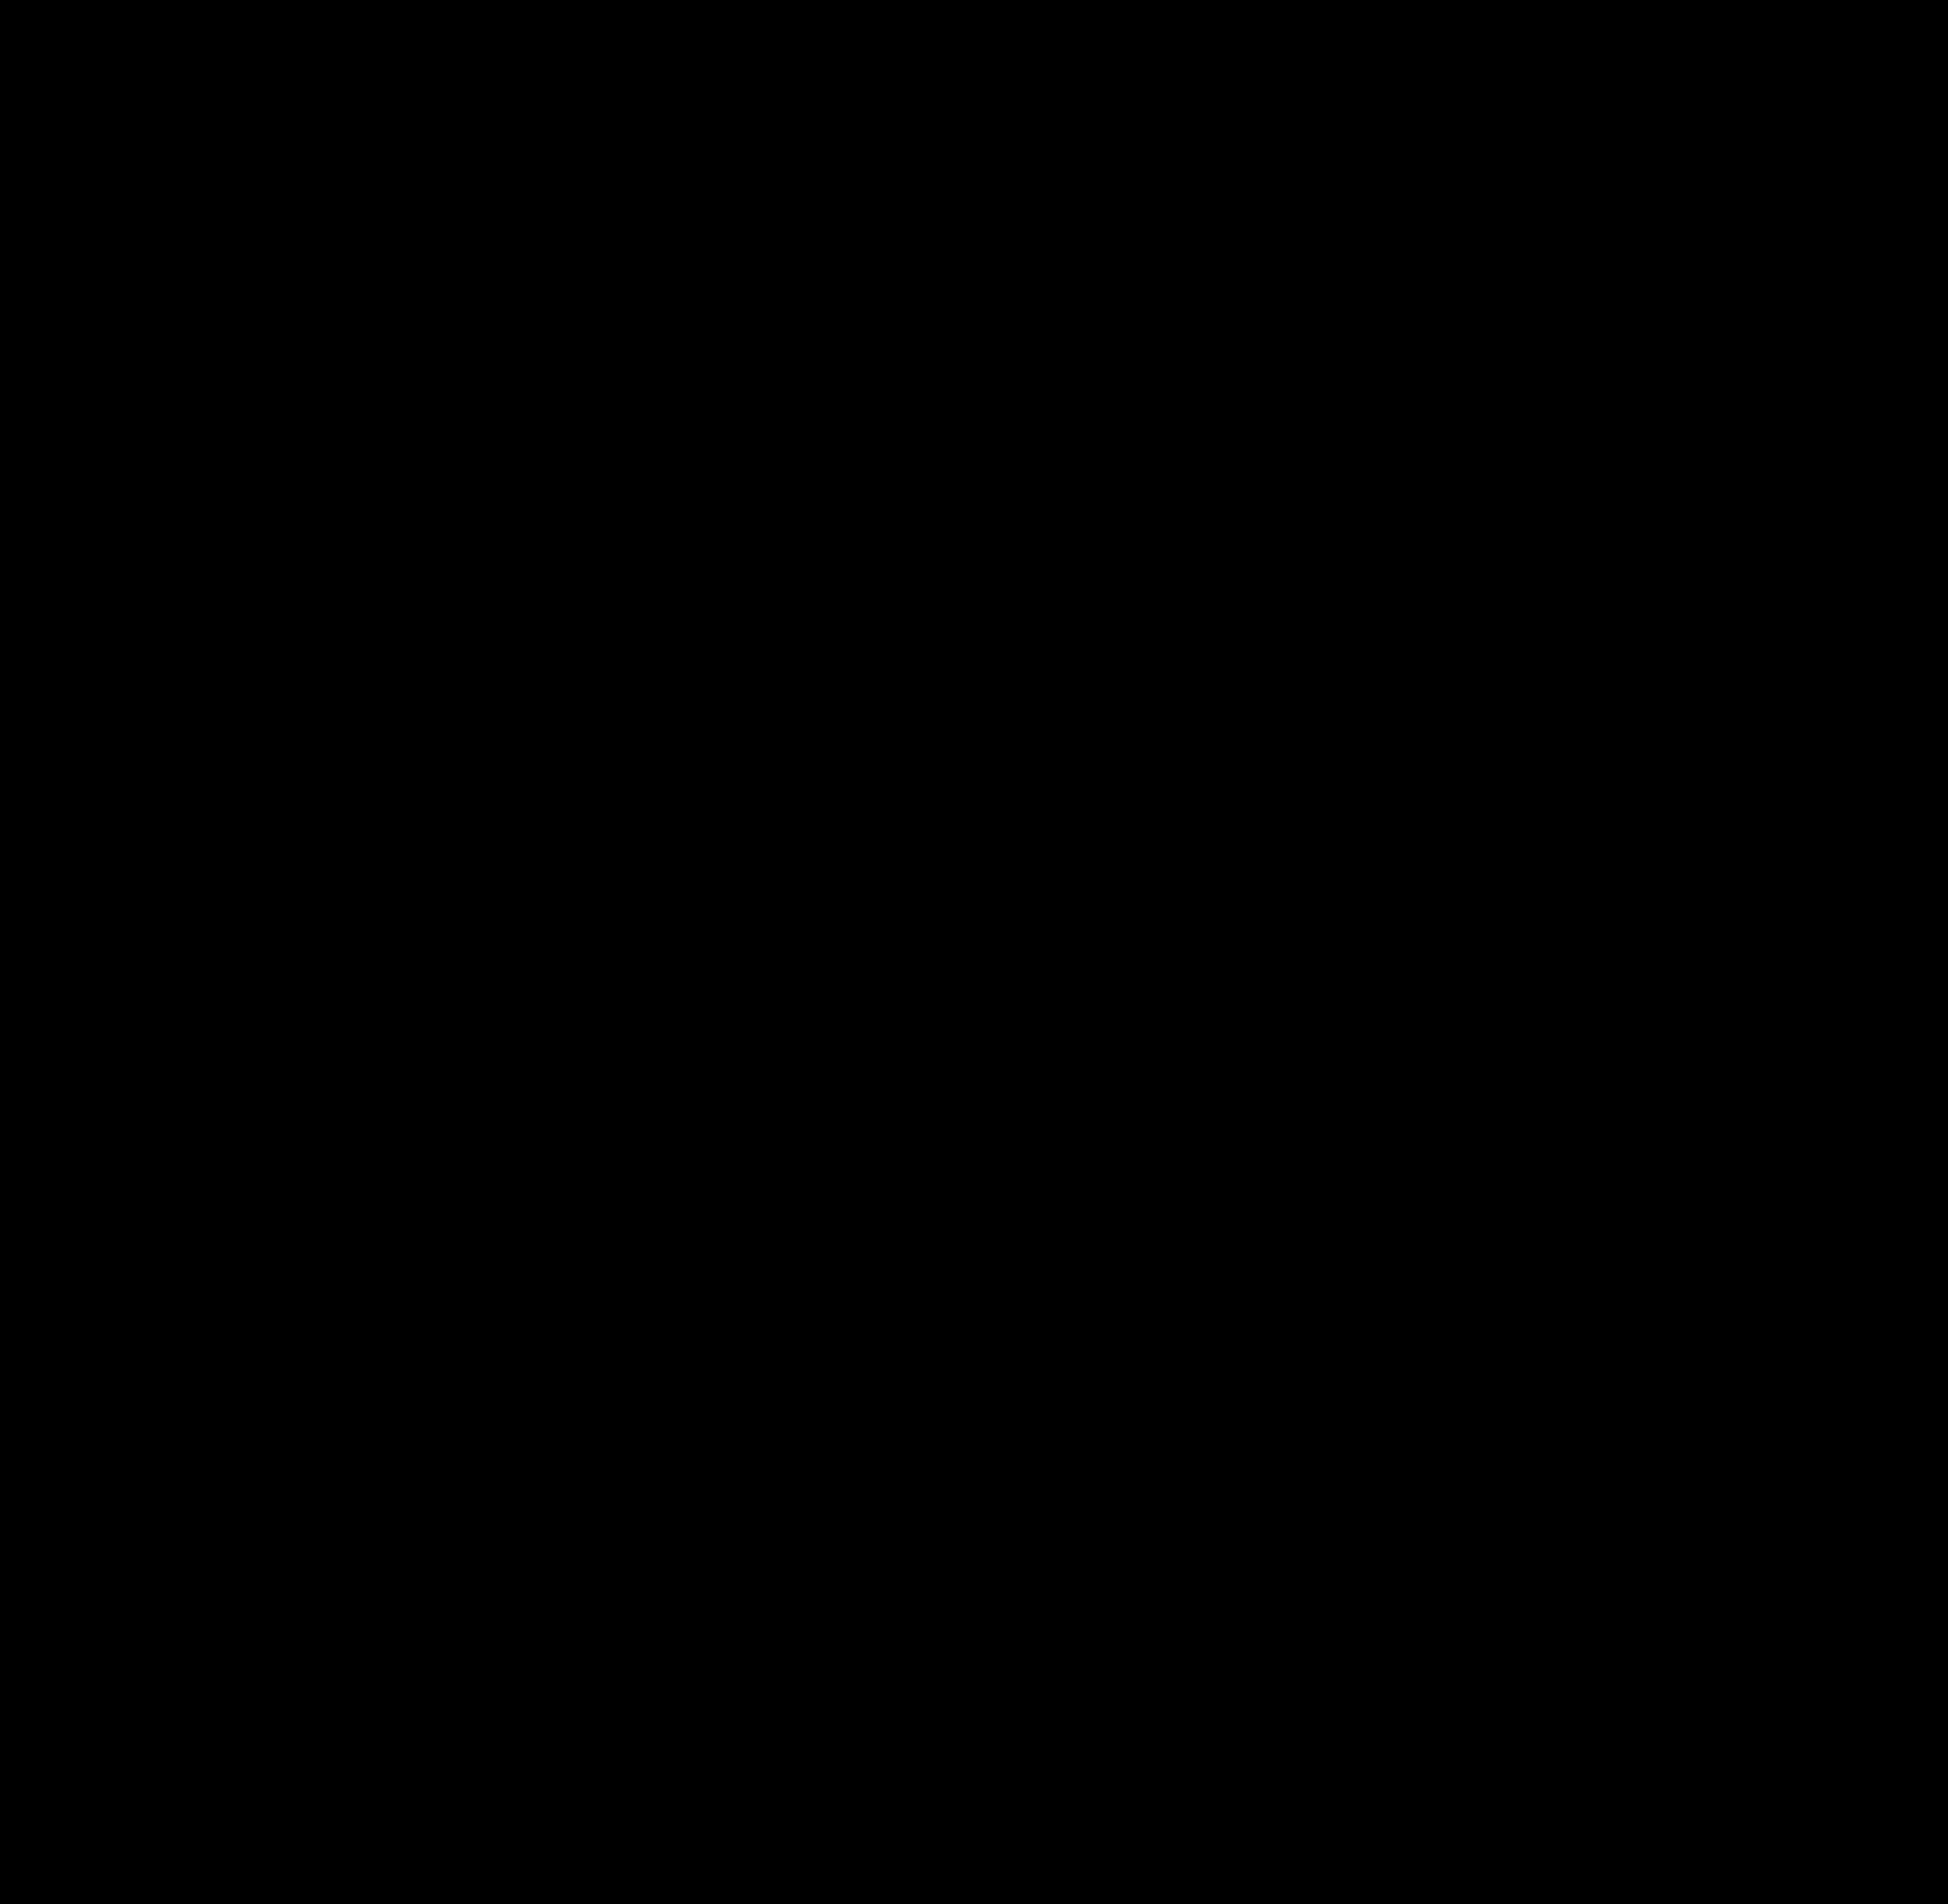 必威app精装版苹果版Paptic_Logo_P_Black_Trans.png